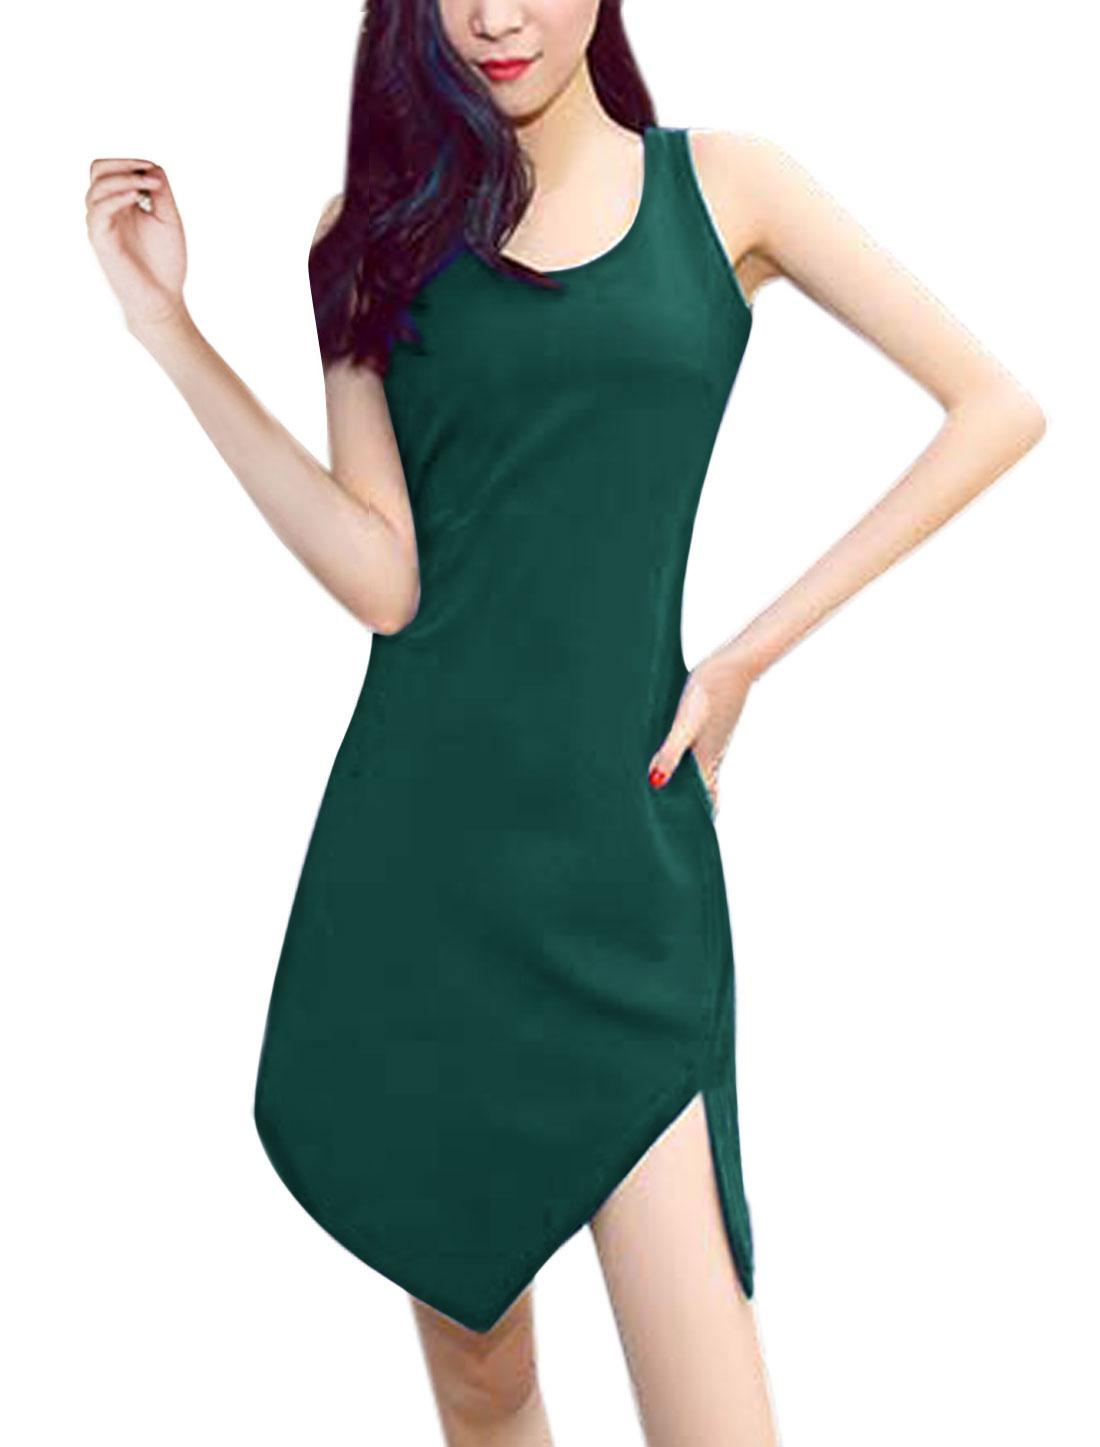 Women Low High Hem Slim Above Knee Sheath Dress Dark Green XS